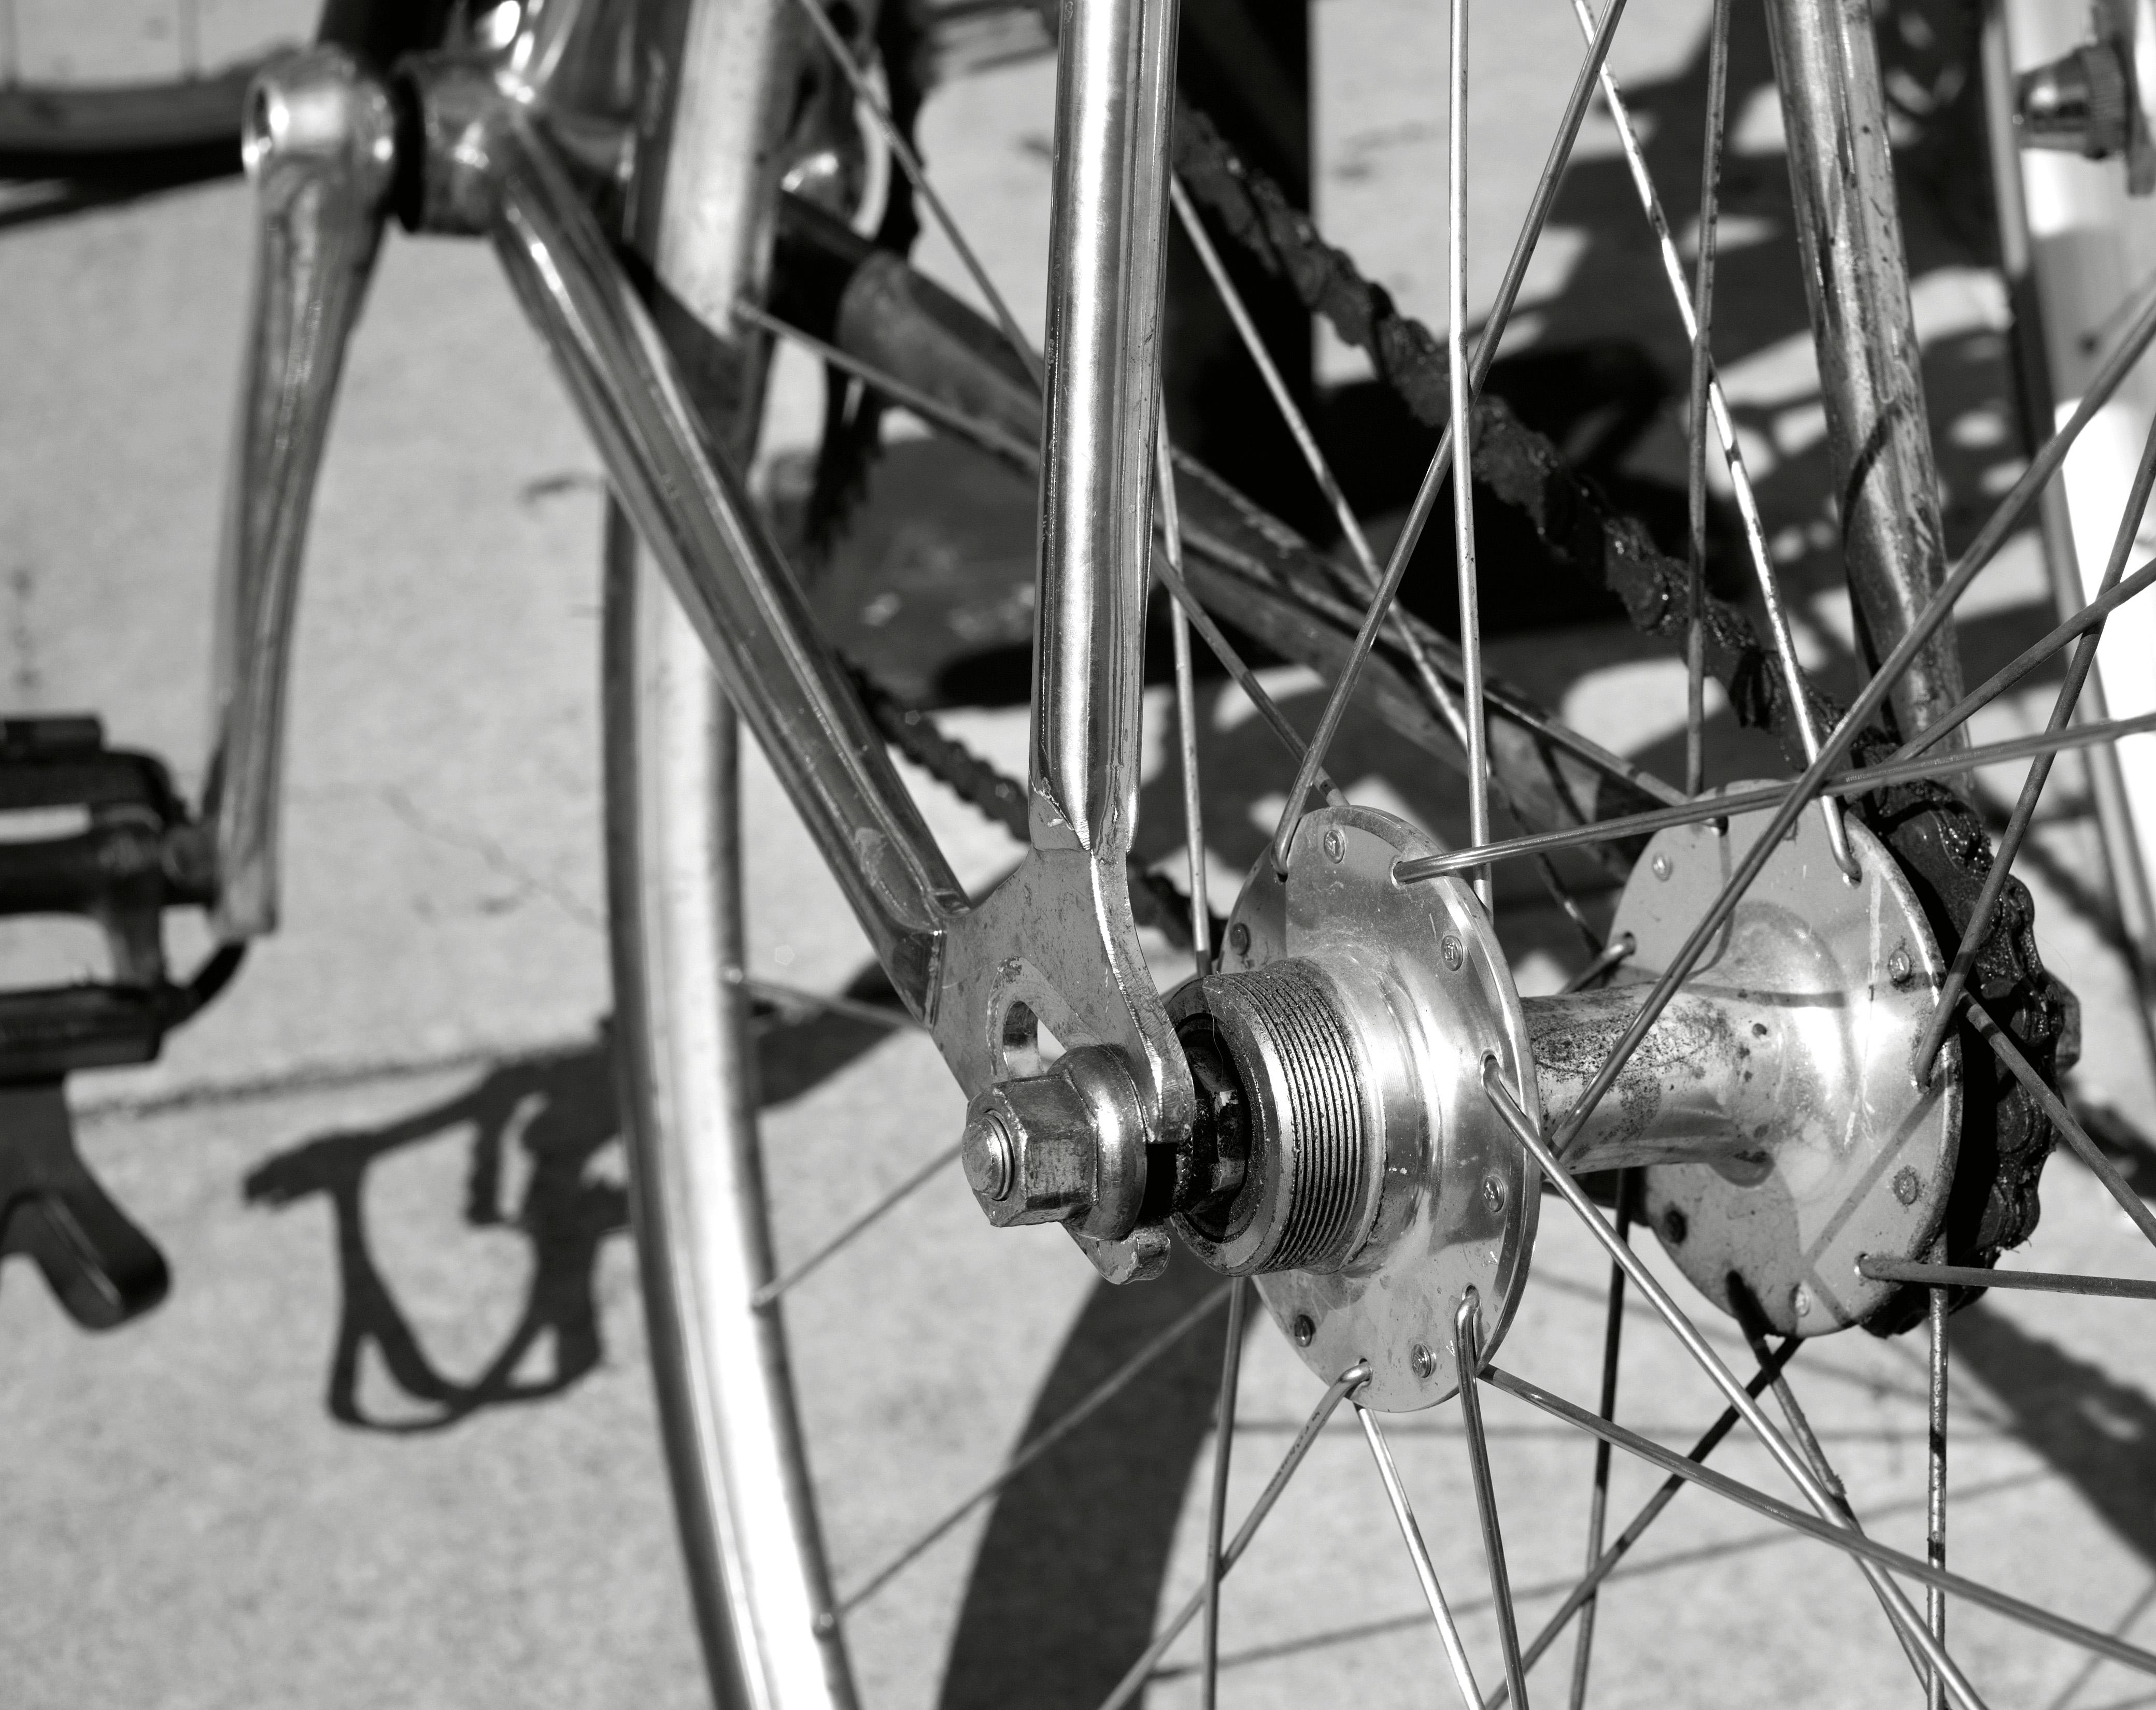 Fotos gratis : en blanco y negro, rueda, vehículo, mástil, monocromo ...